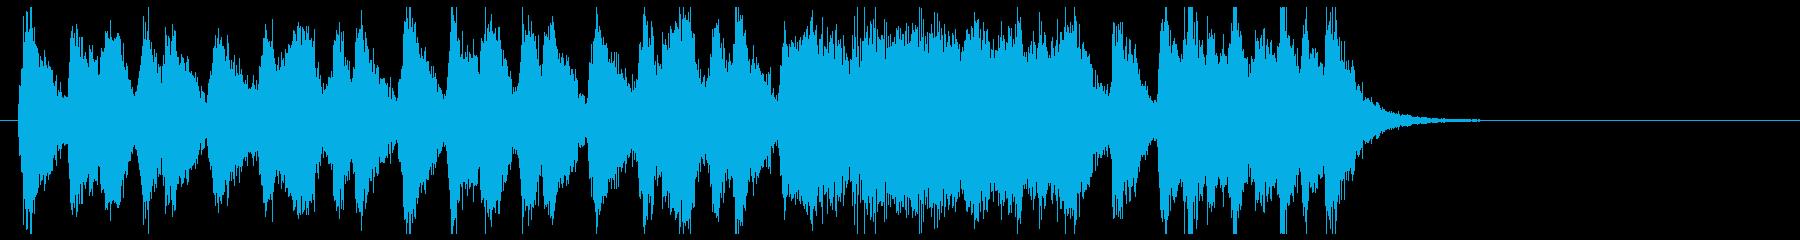 マーチドラム、緊張感のオーケストラの再生済みの波形